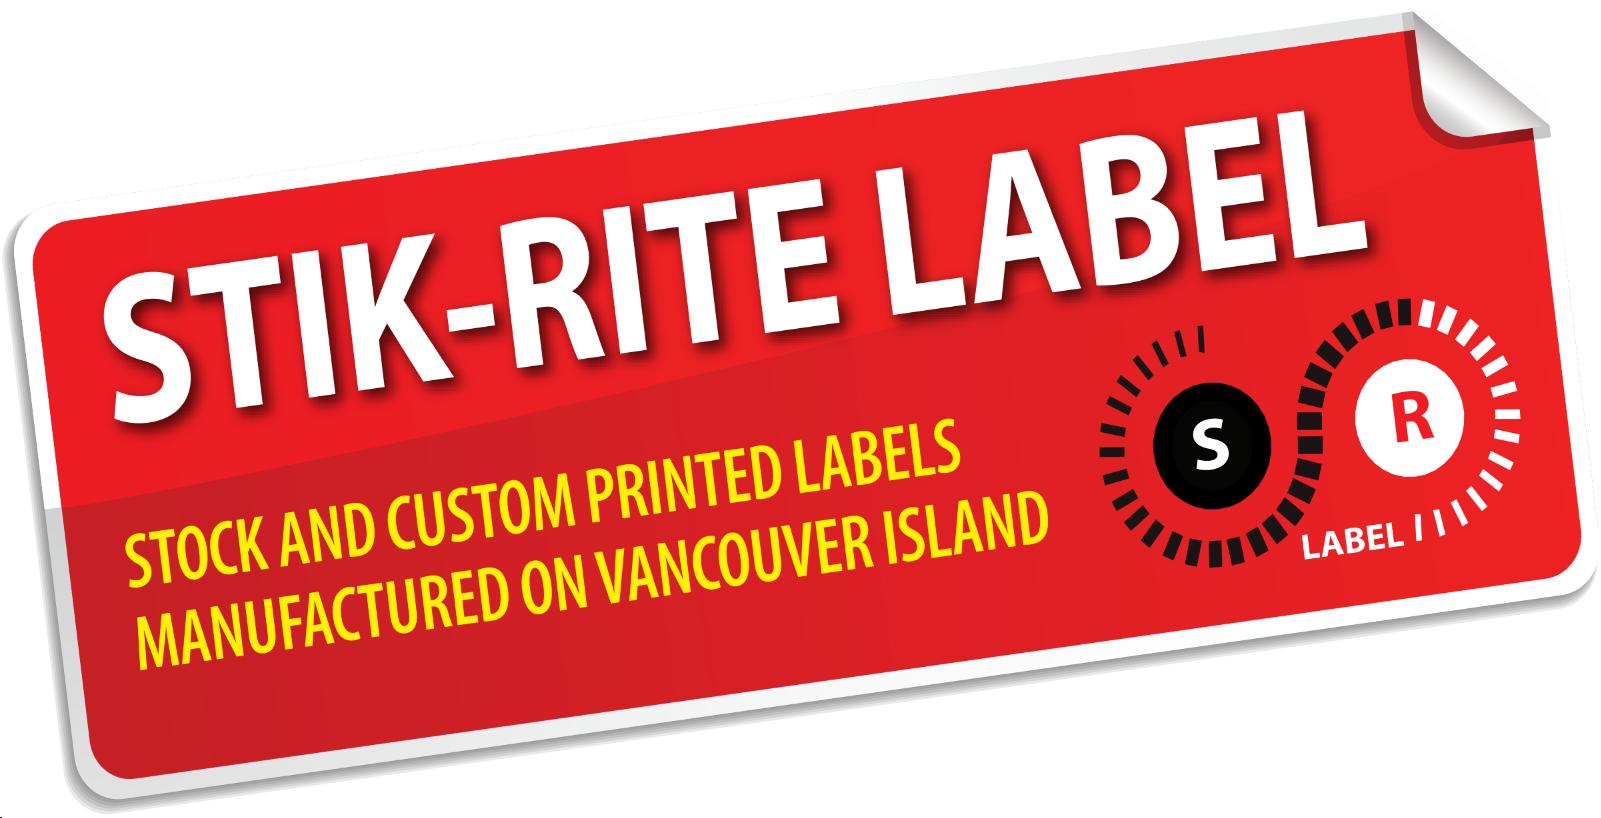 Stik-Rite Label